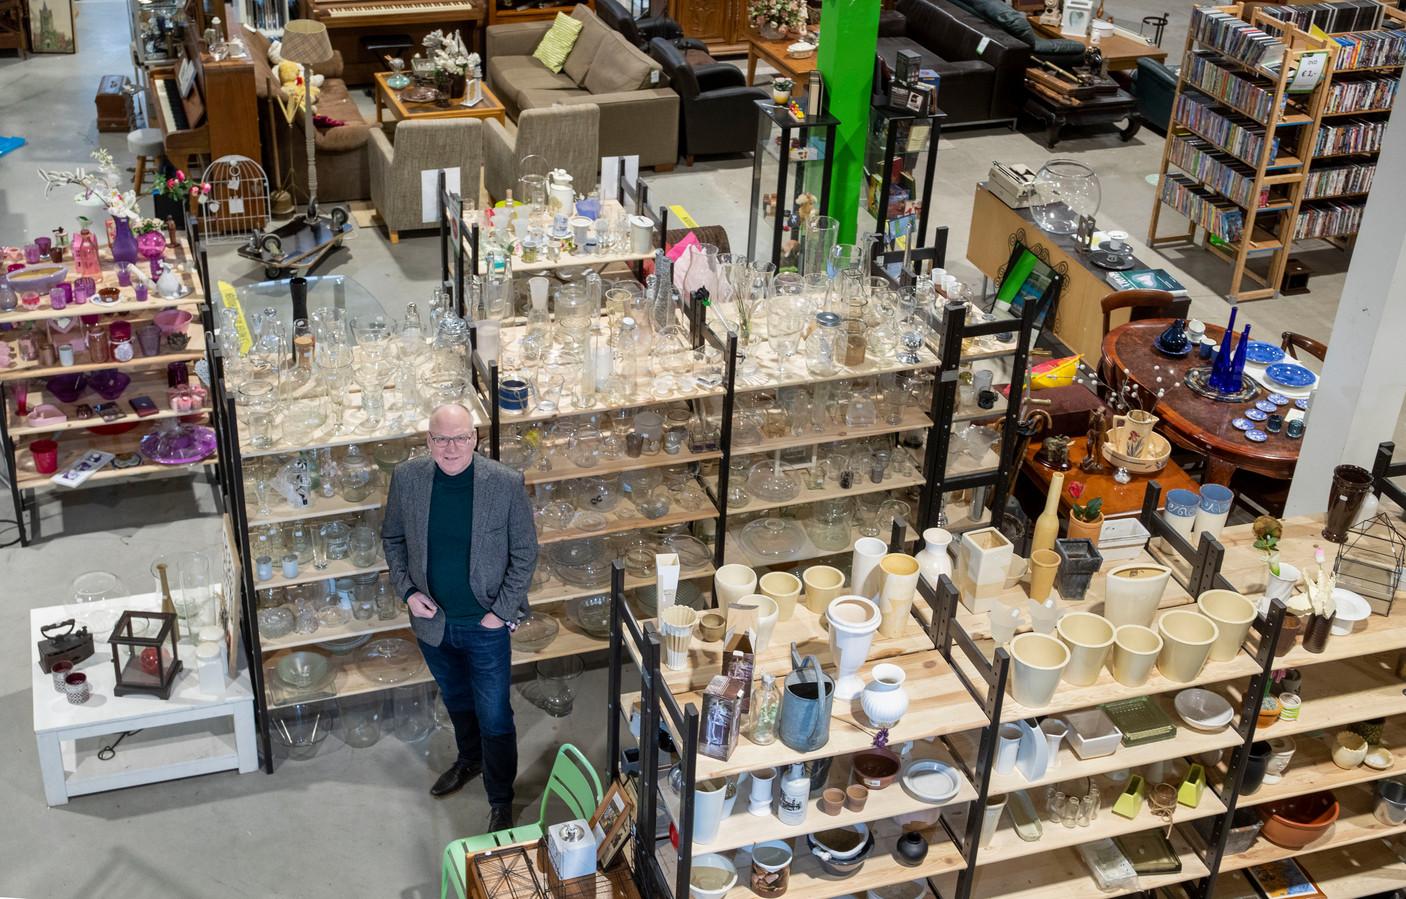 Manager Restore Kringloop Roelf Jager in de verbouwde, maar door corona gesloten kringloopwinkel in Ede. De opslag van de kringloopwinkels puilt uit.